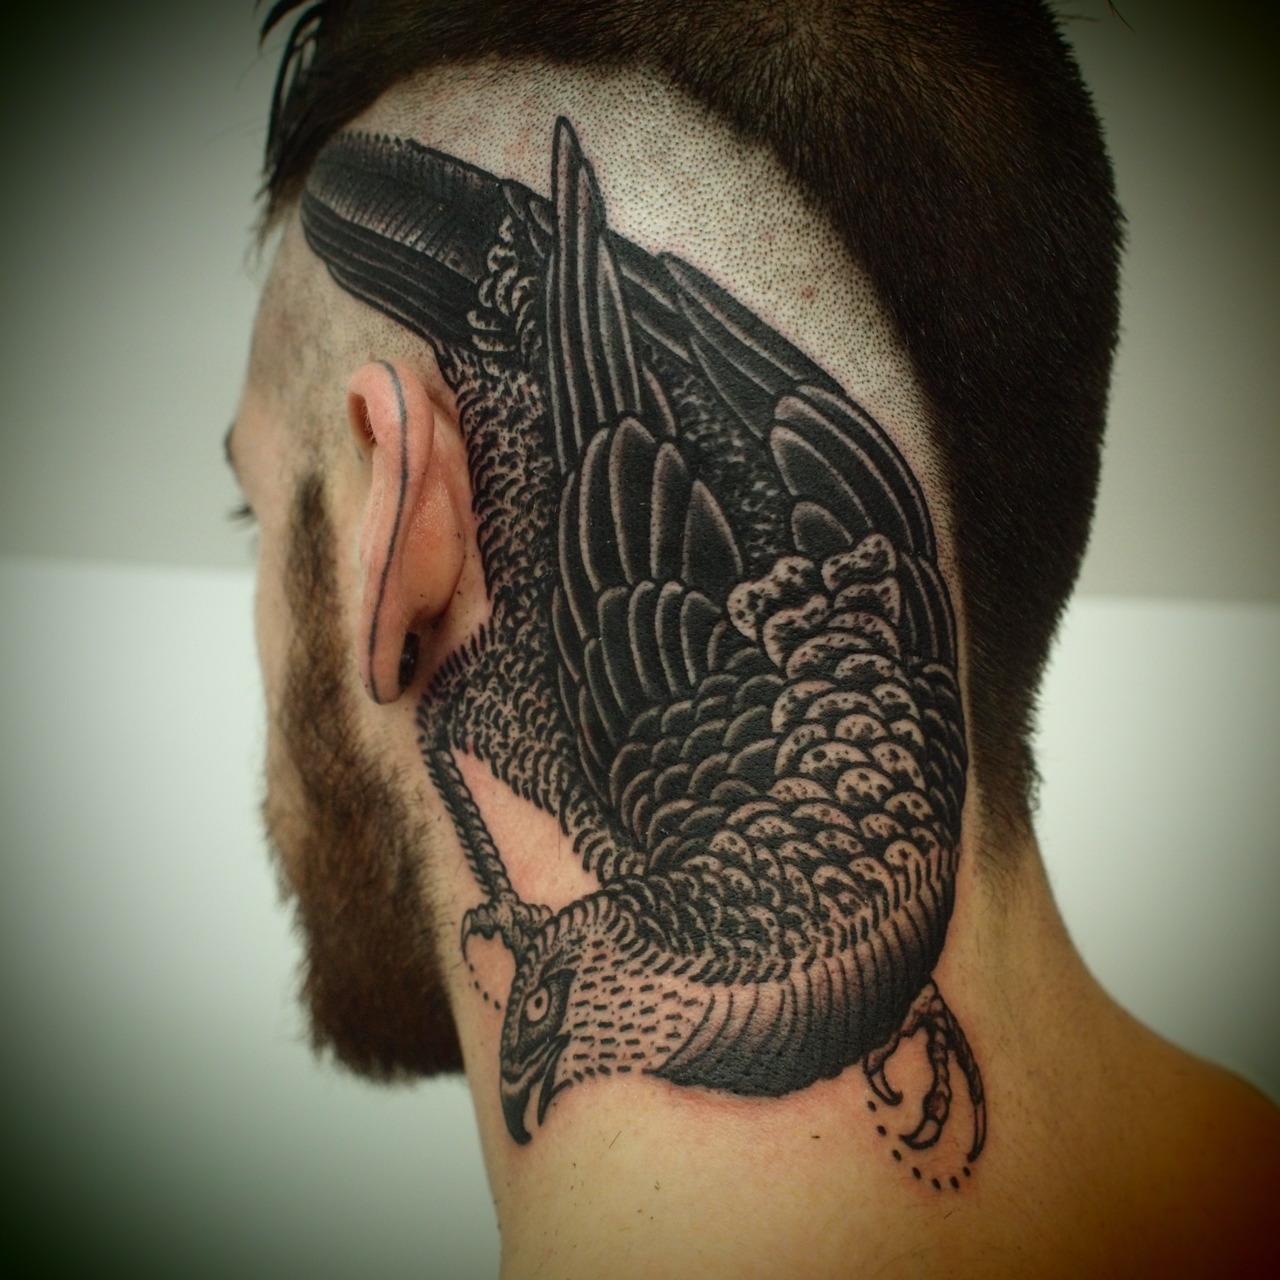 guy-le-tatooer-tumblr_ln7e6jbujl1qerbdoo1_1280.jpg